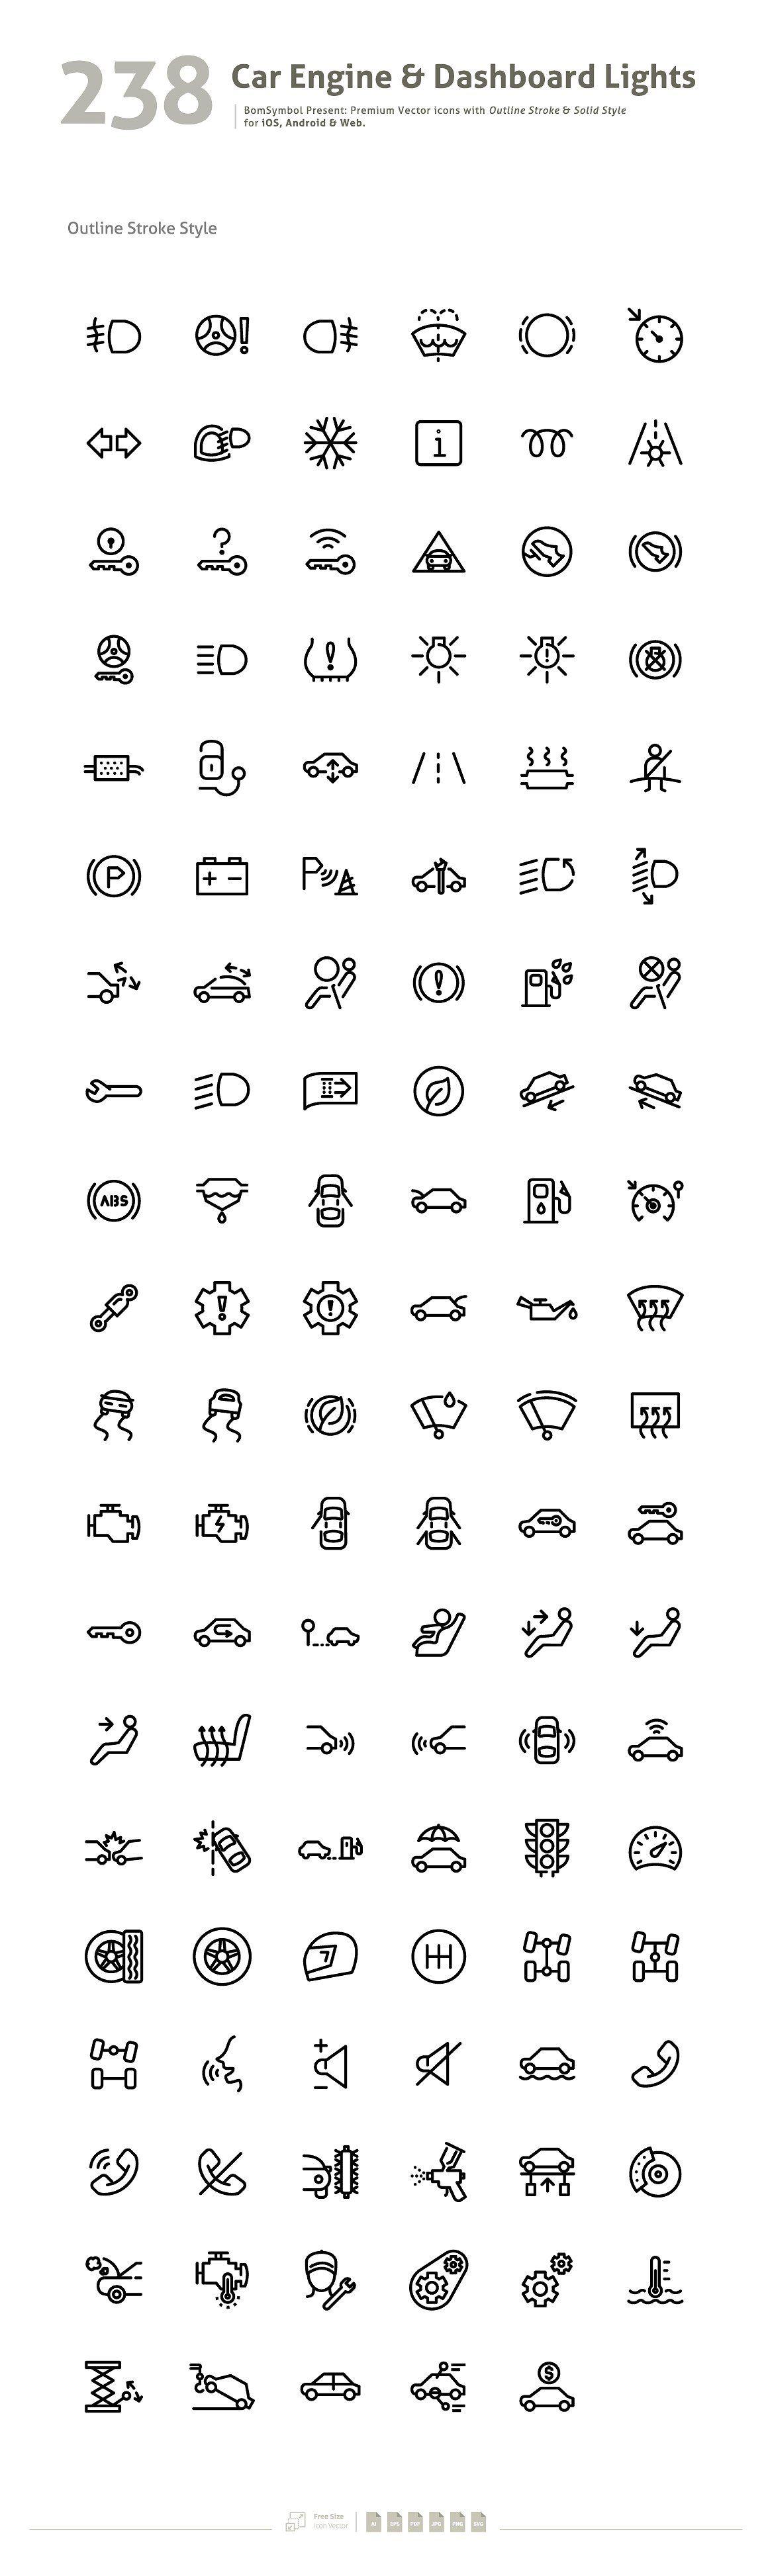 Car Engine & Dashboard Lights Symbol Icons 2 Car